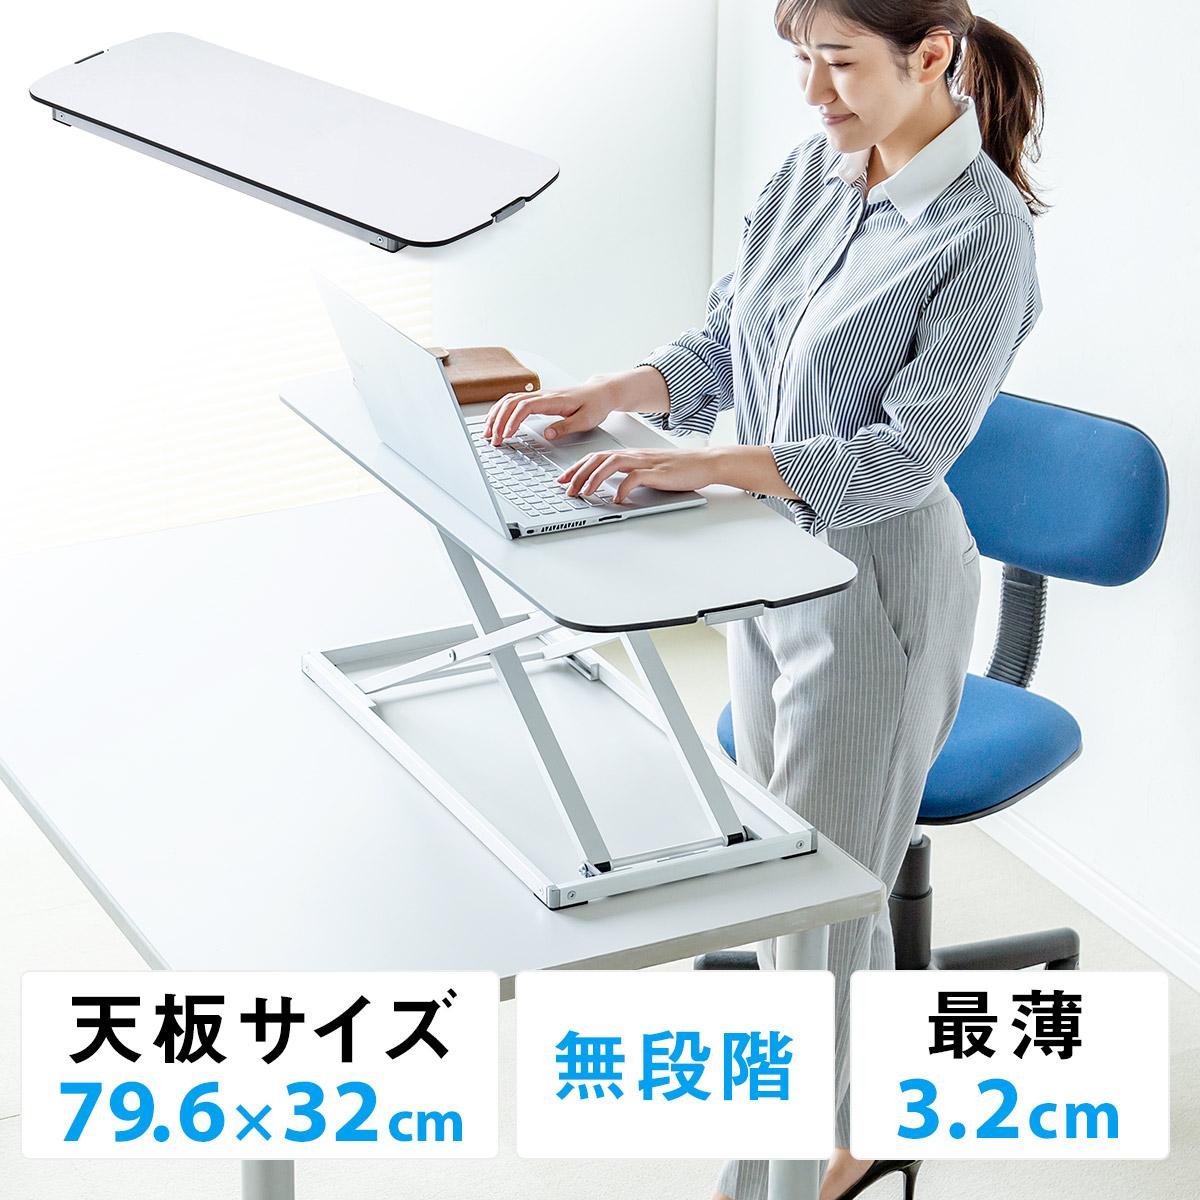 スタンディングデスク 昇降デスク 薄型 白色 折りたたみ可能 スリムタイプ 高さ無段階調整可能 幅79.6cm